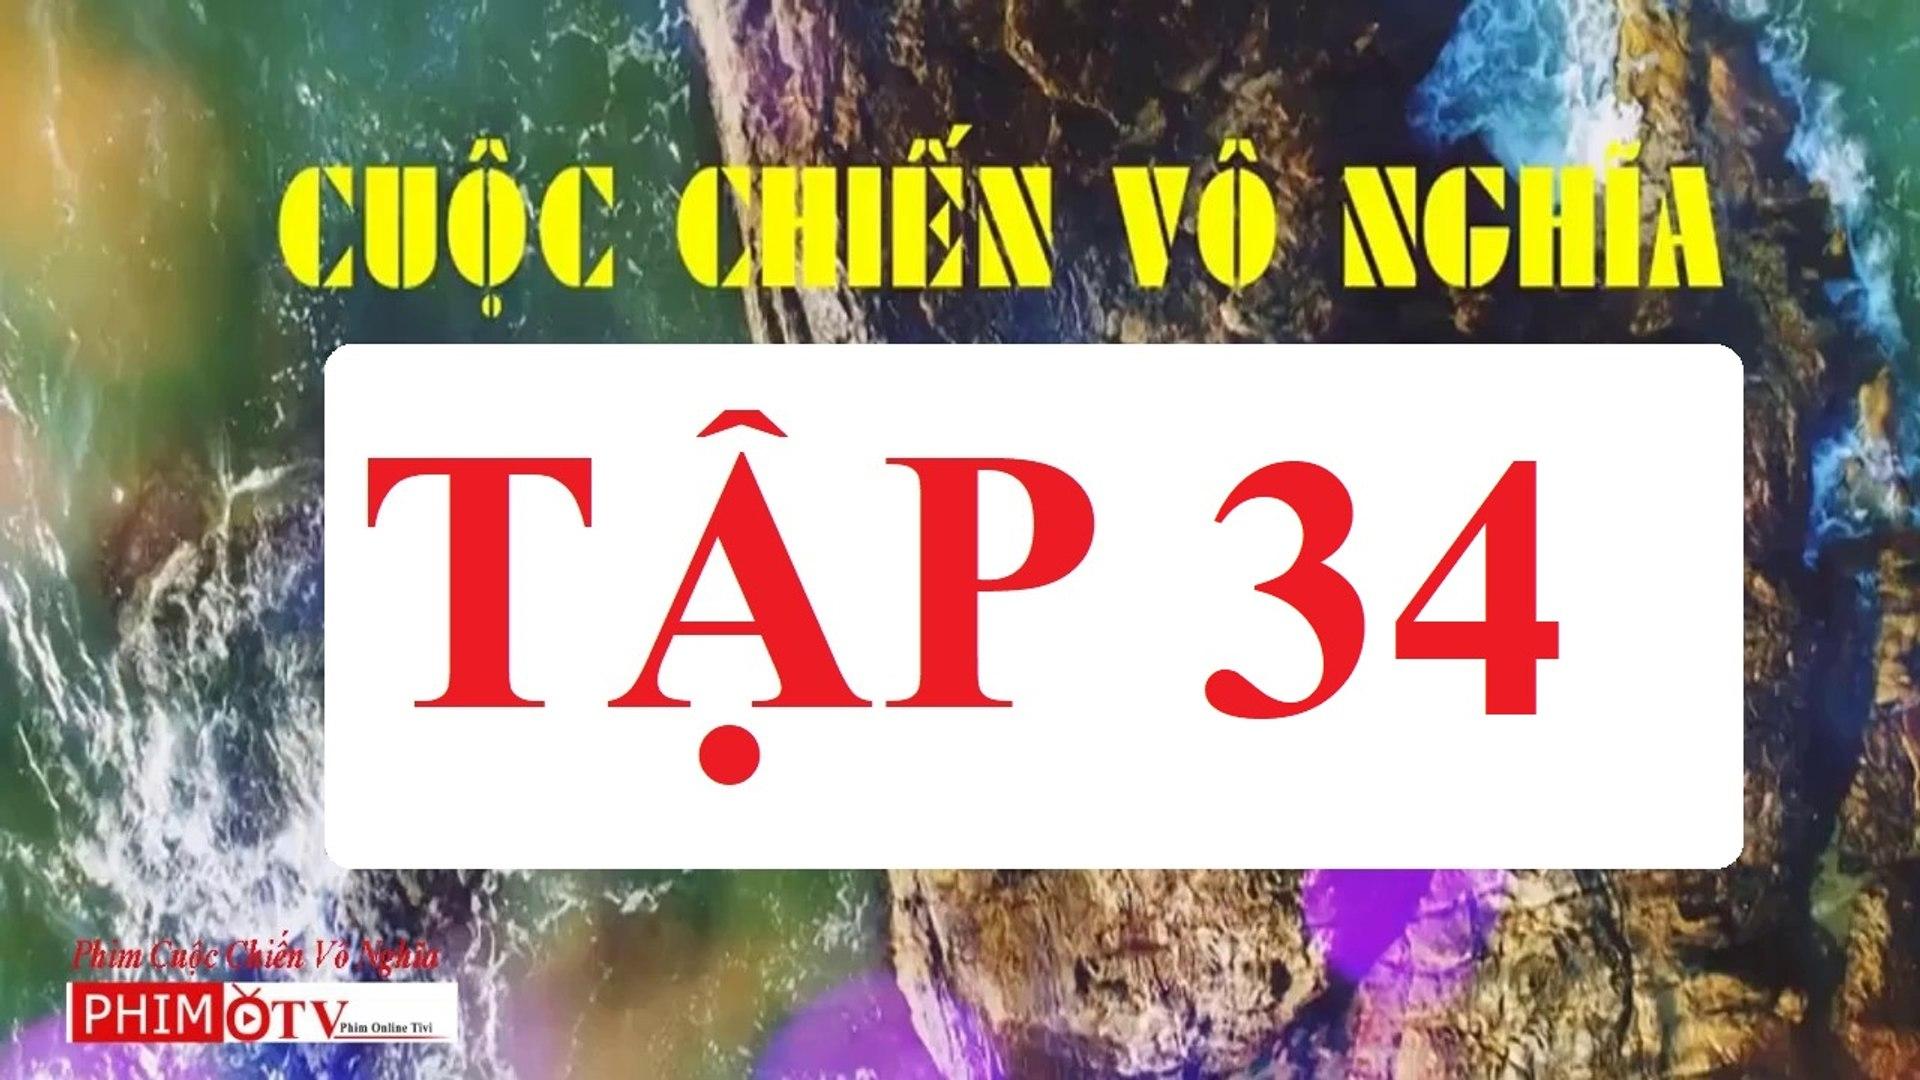 Cuộc Chiến Vô Nghĩa Tập 34 Full - Cuoc Chien Vo Nghia 35